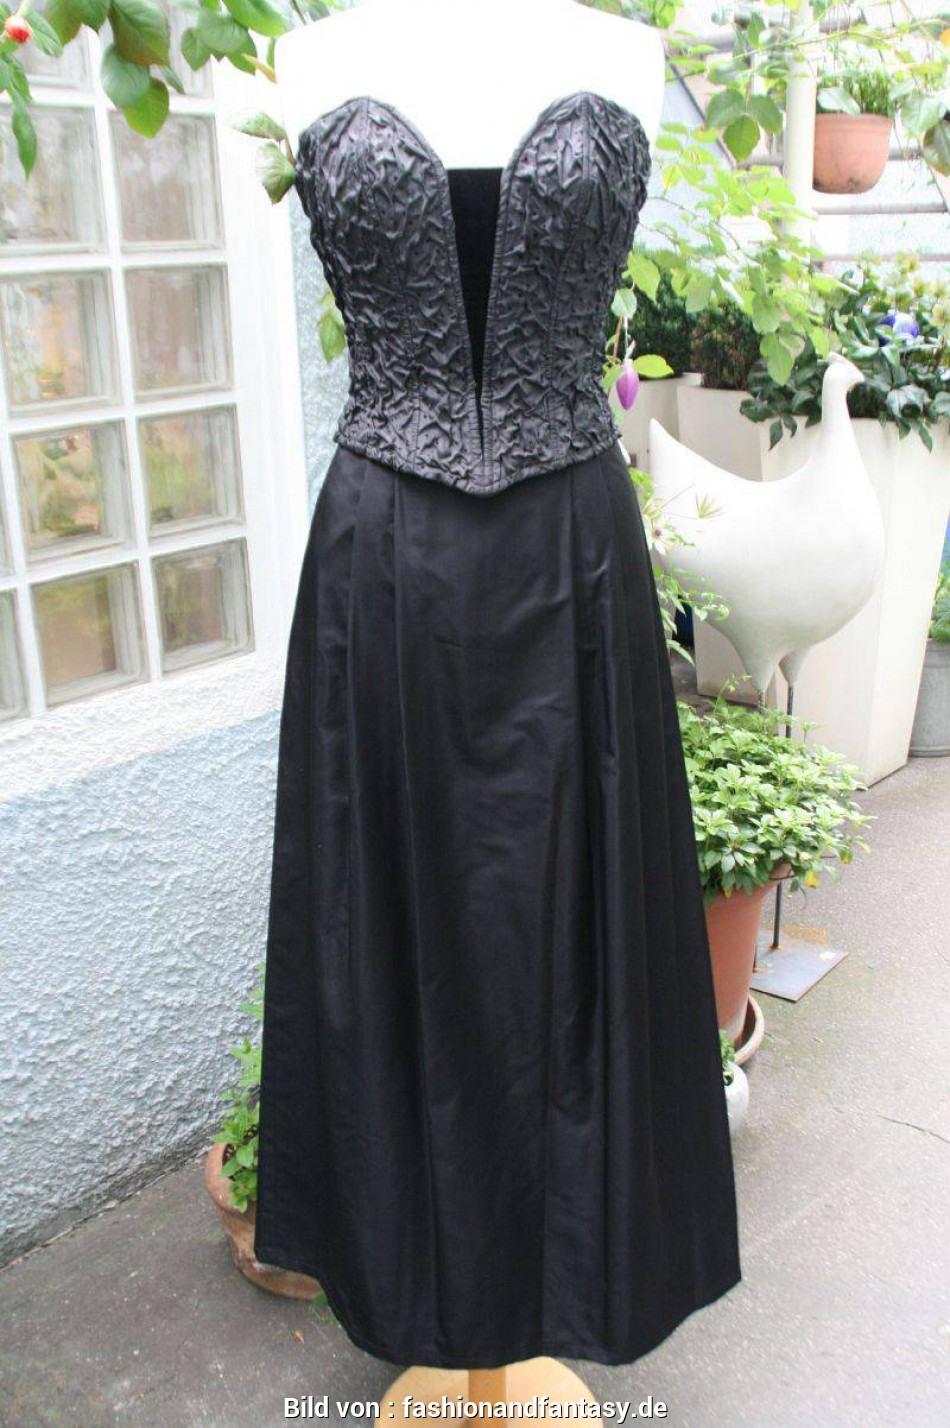 20 Kreativ Gebrauchte Abendkleider Spezialgebiet Spektakulär Gebrauchte Abendkleider Ärmel